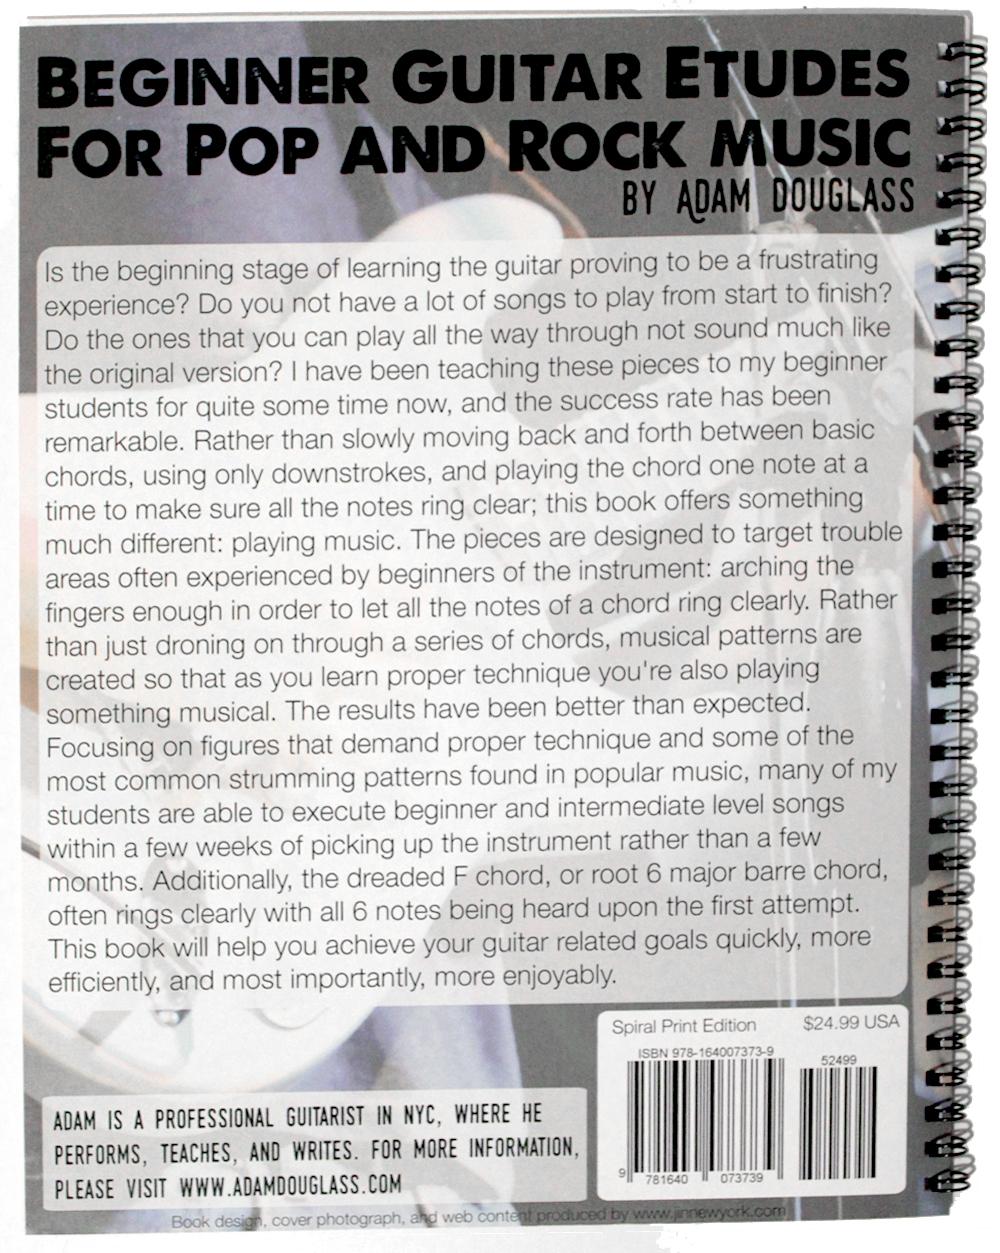 Beginner-Guitar-Etudes-for-Pop-and-Rock-Music-by-Adam-Douglass-5.jpg